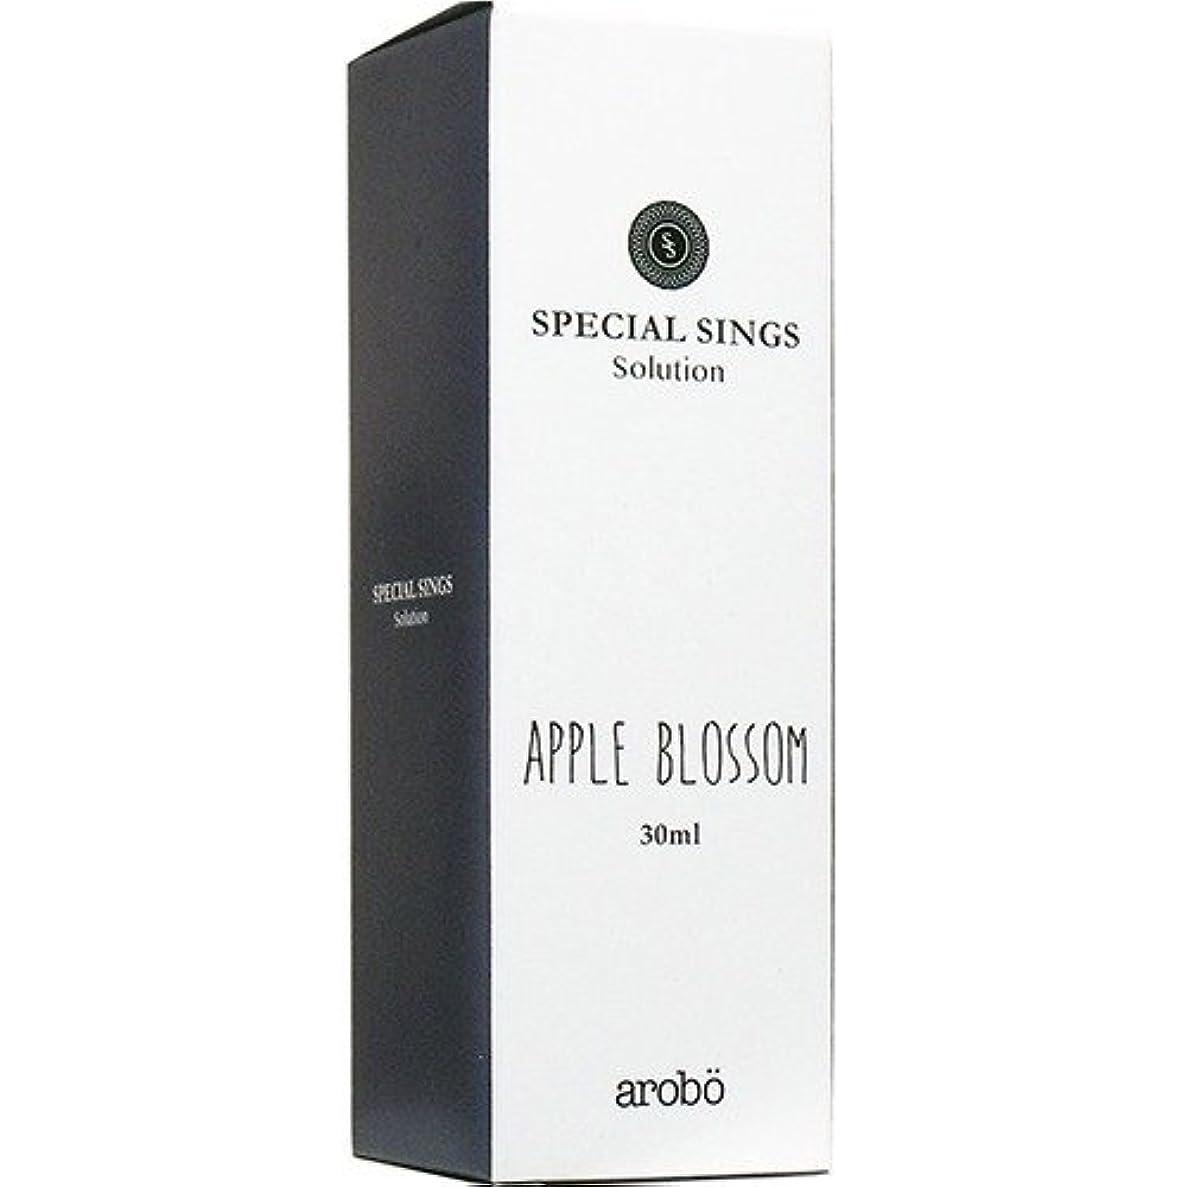 スクラップブック過ち鼻スペシャルシングス ソリューション CLV-833 アップルブロッサム 30ml